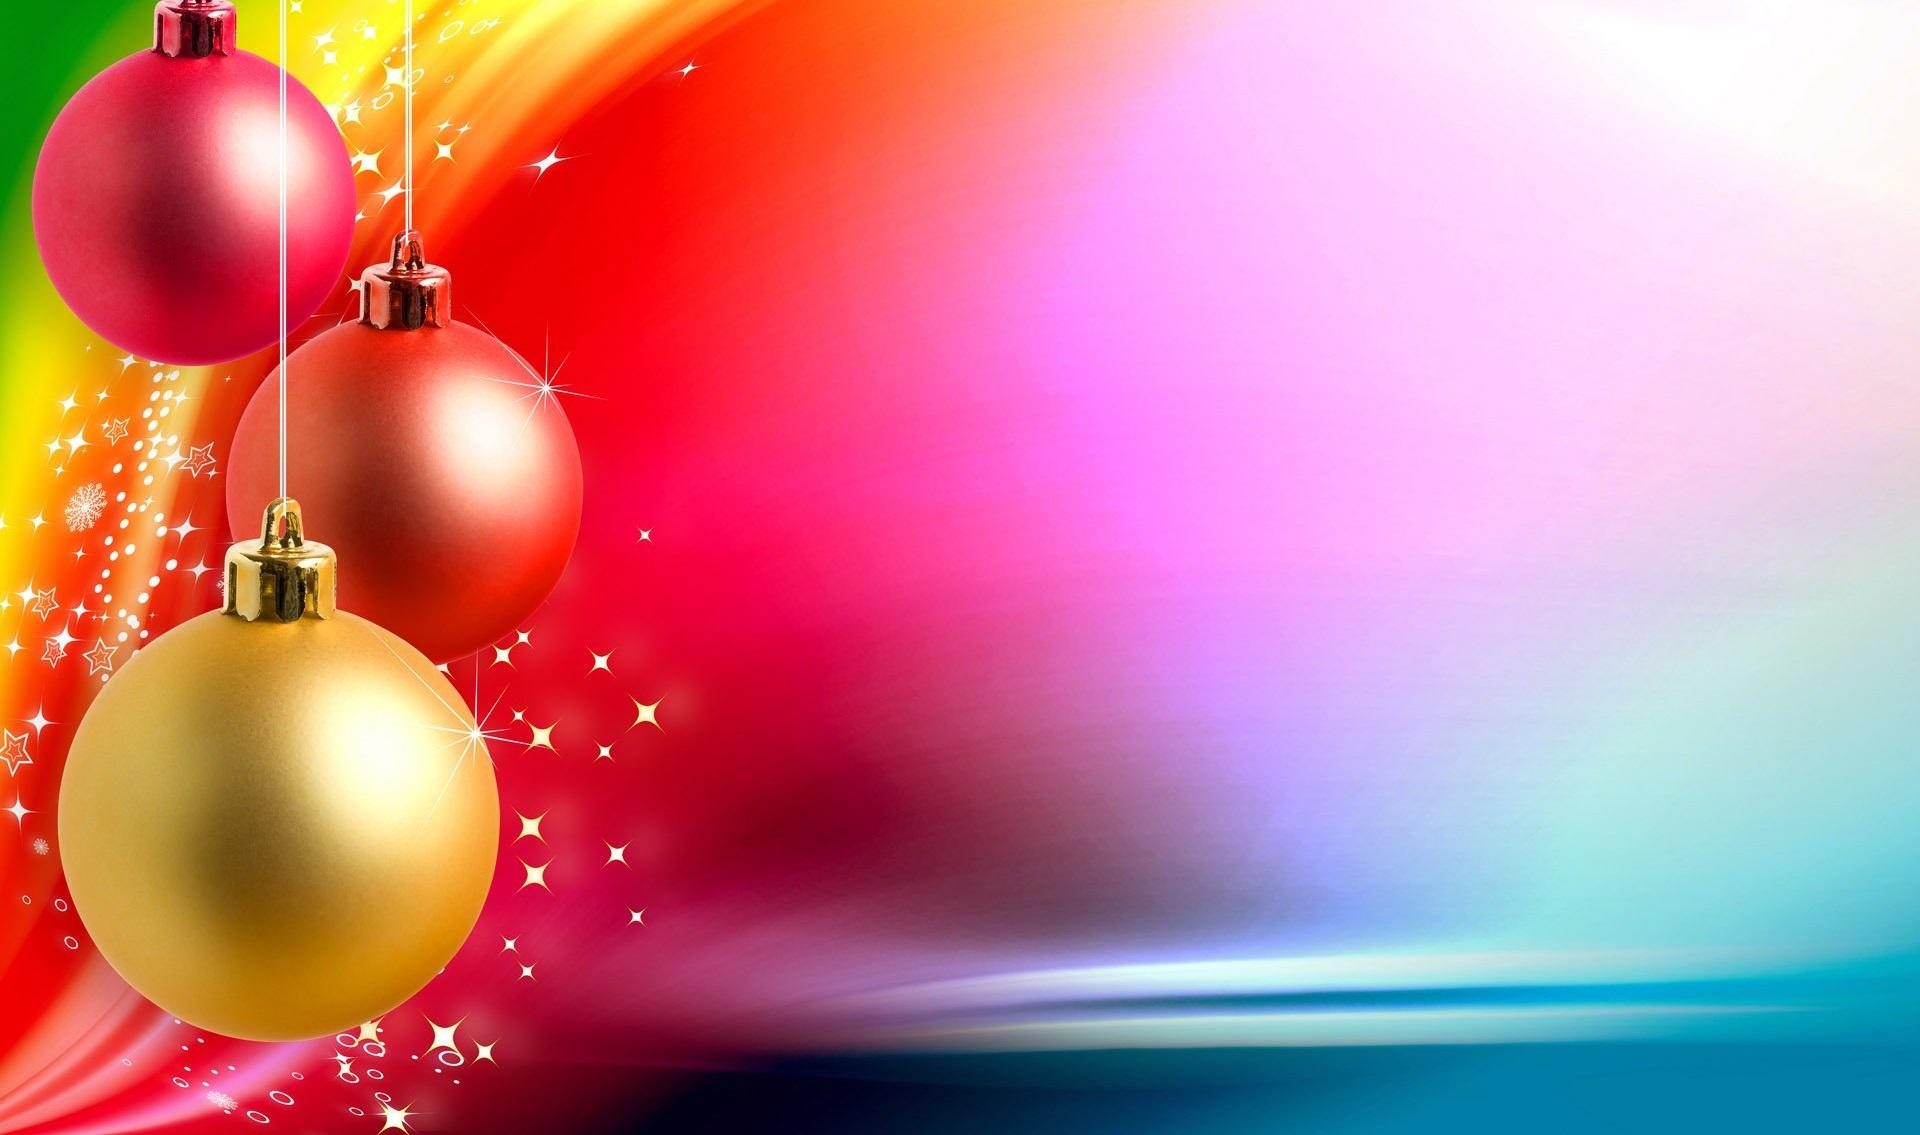 Christmas Wallpaper For Desktop 1920x1135